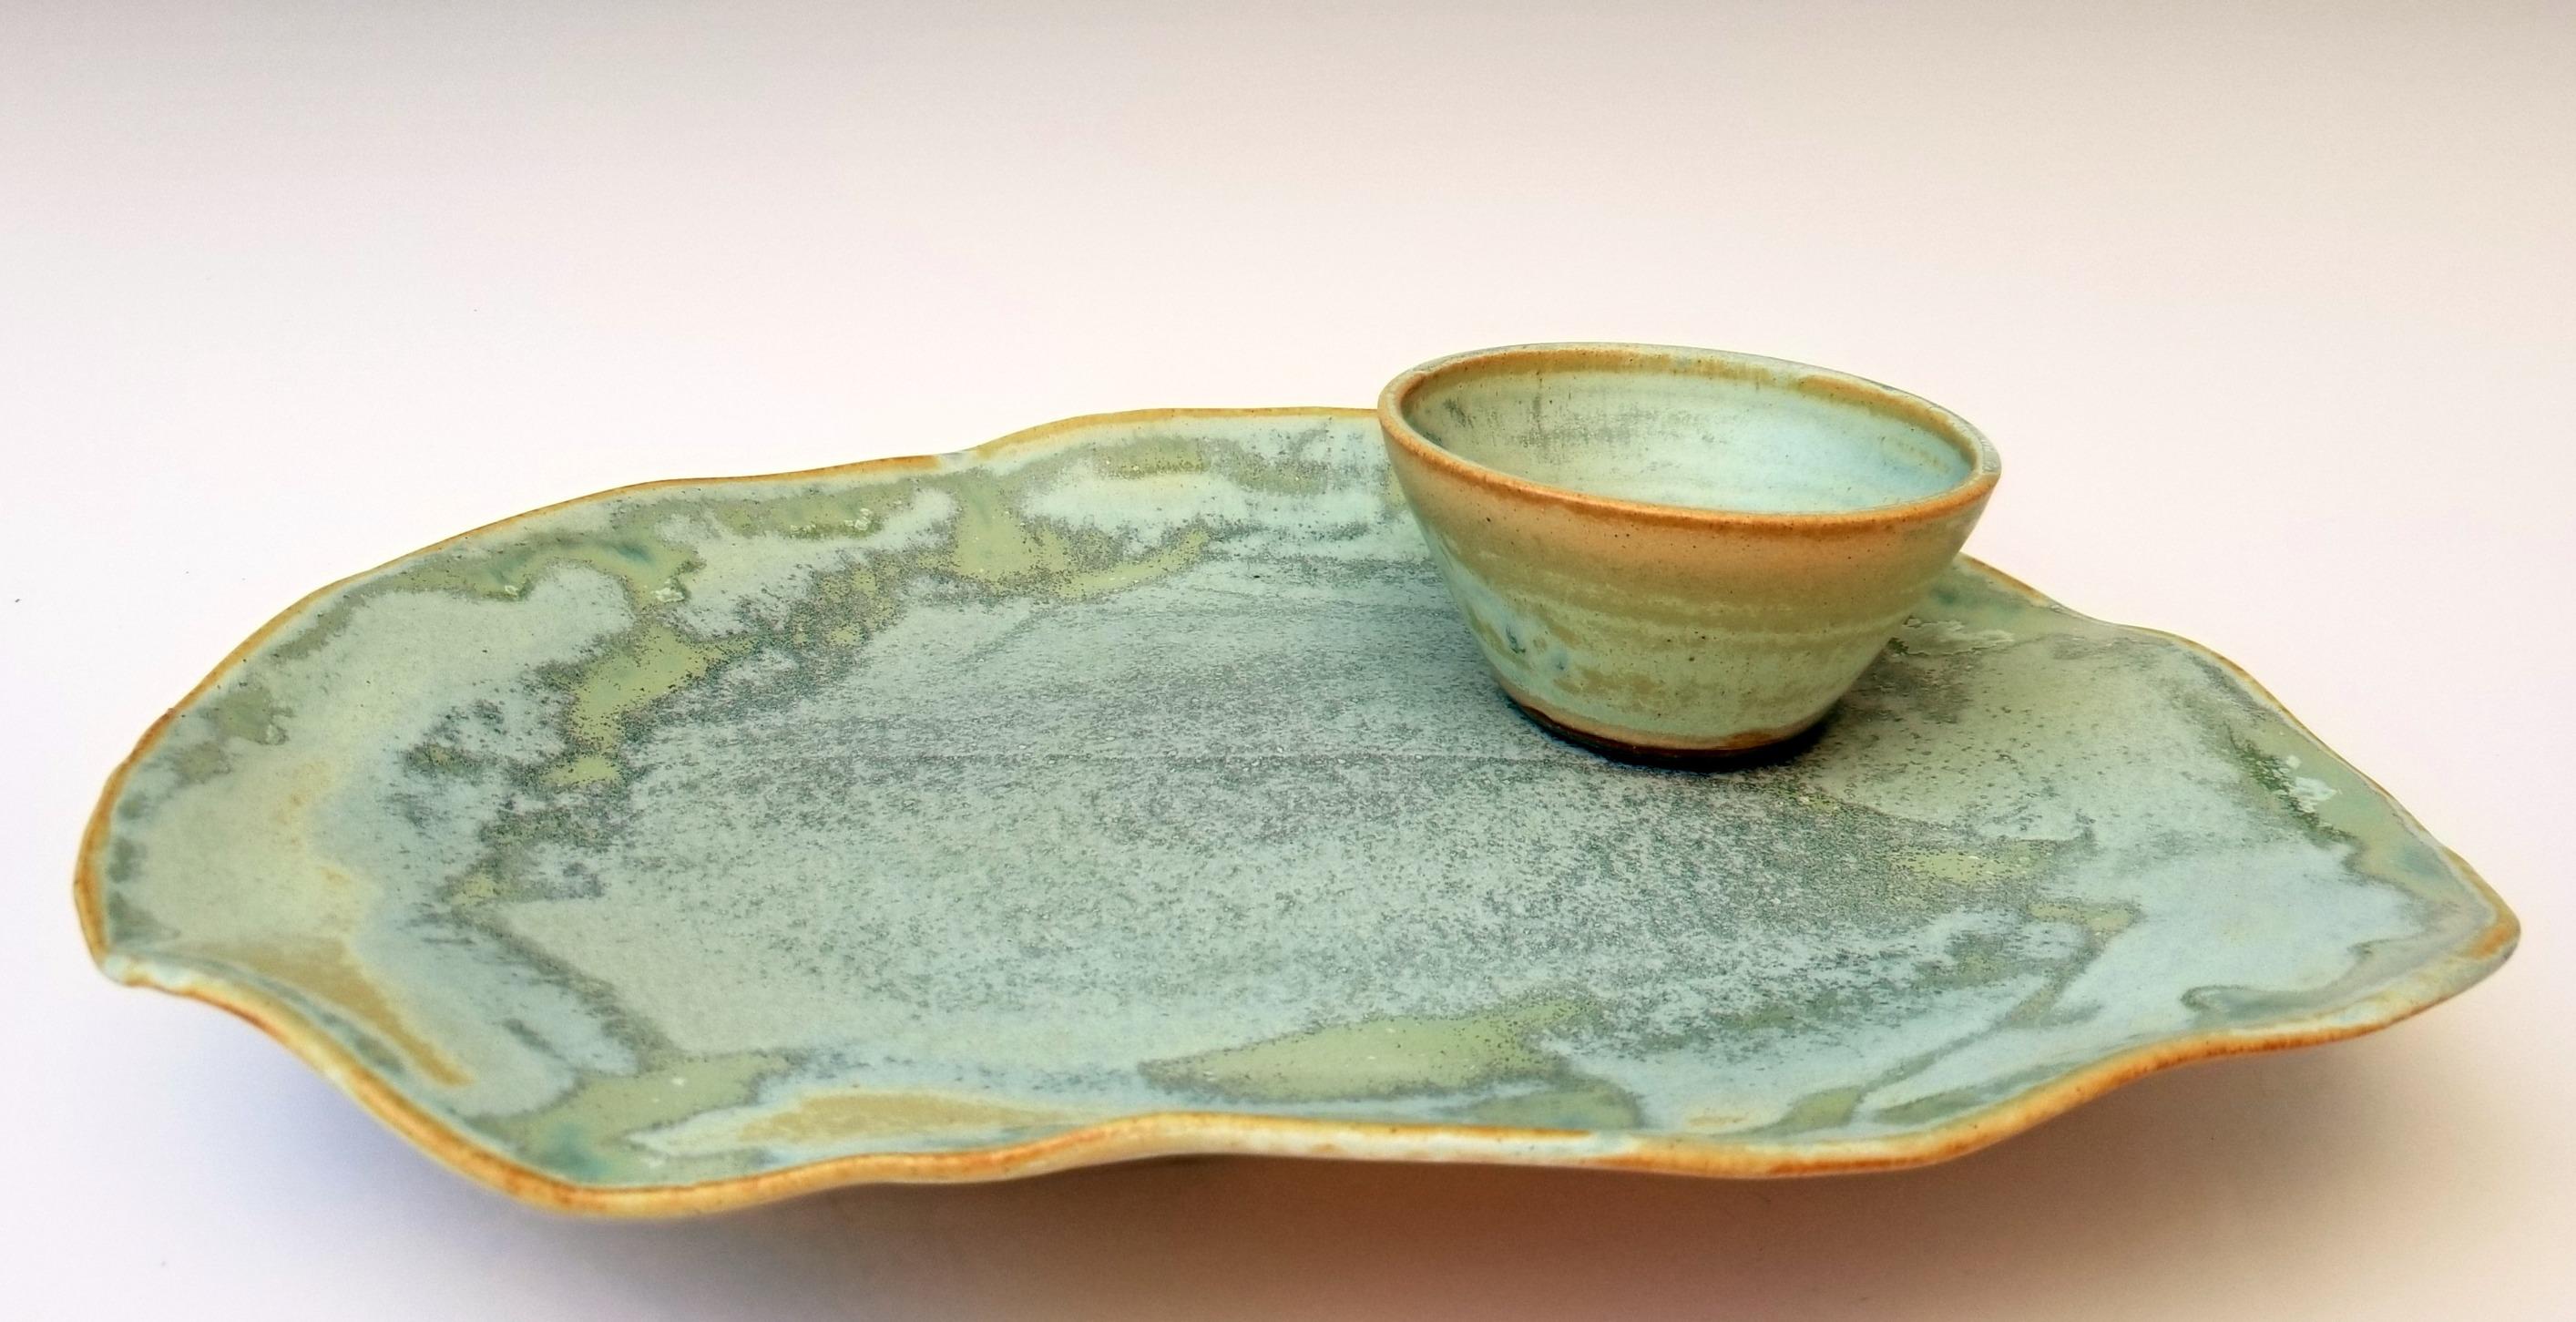 Platter & Sauce Cup - $70